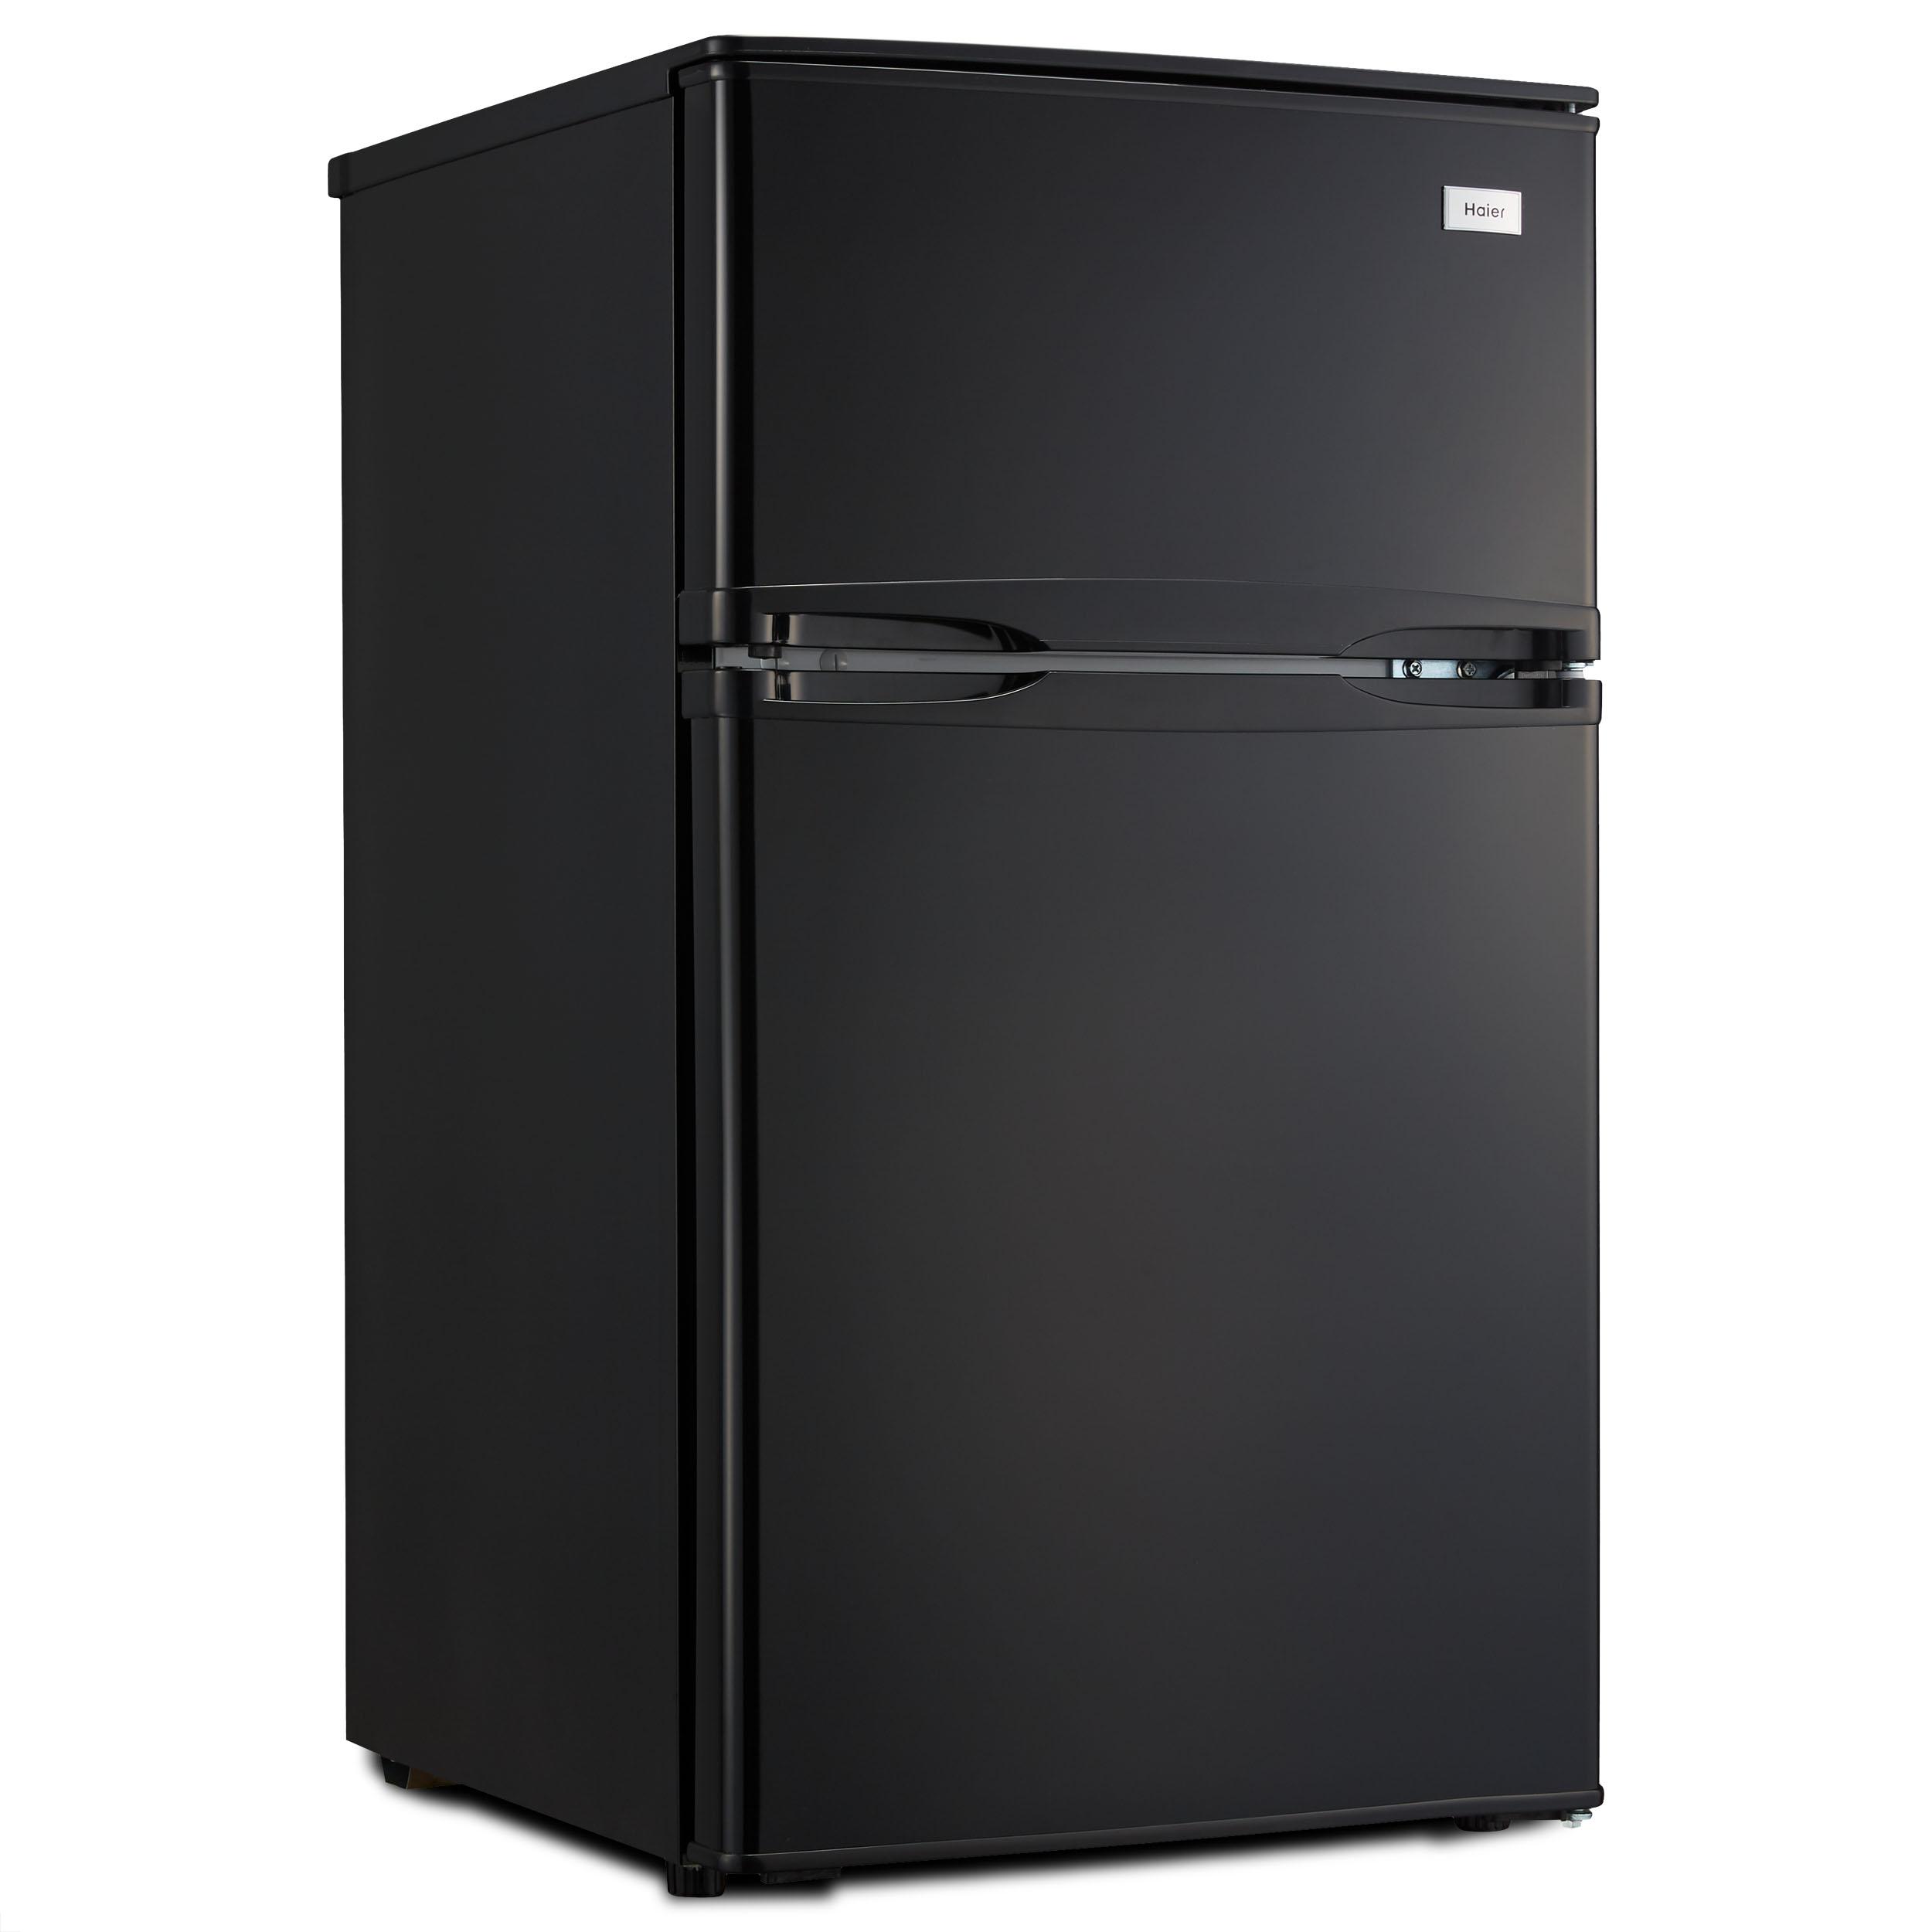 하이얼 소형미니냉장고 85L 자가설치, HRT88MDB(블랙)